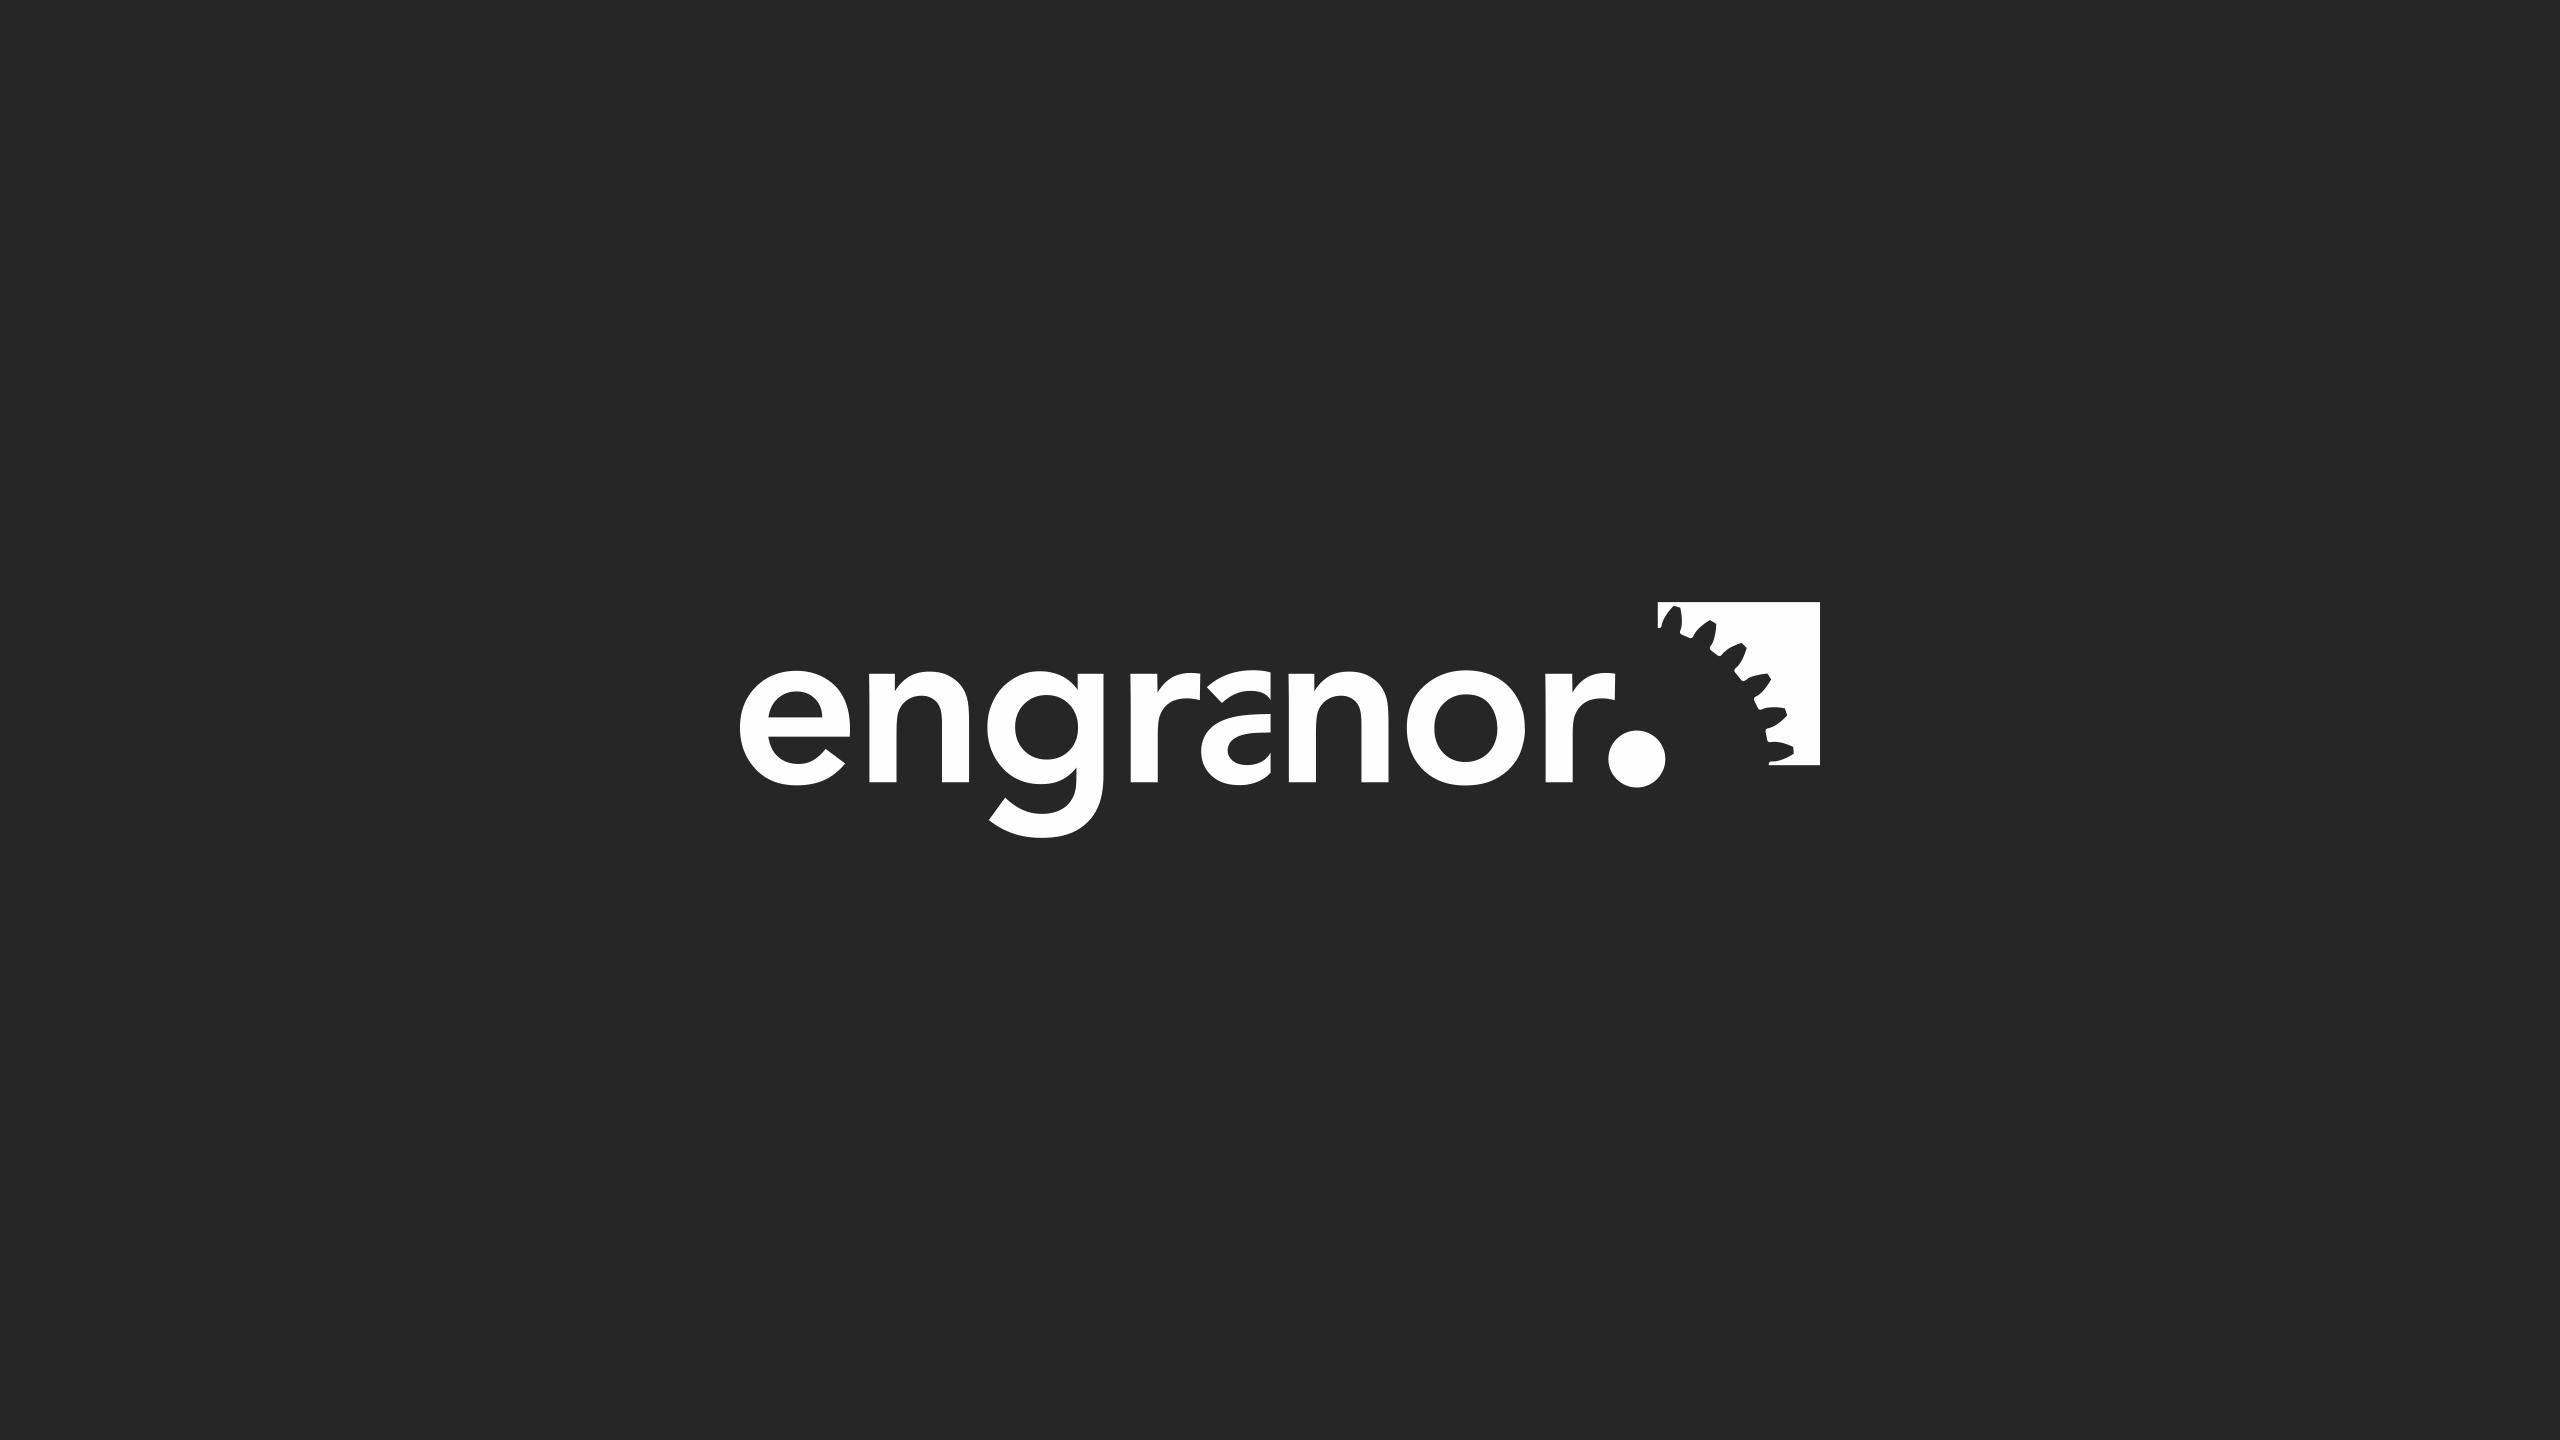 Diseño engranor diseño logotipo